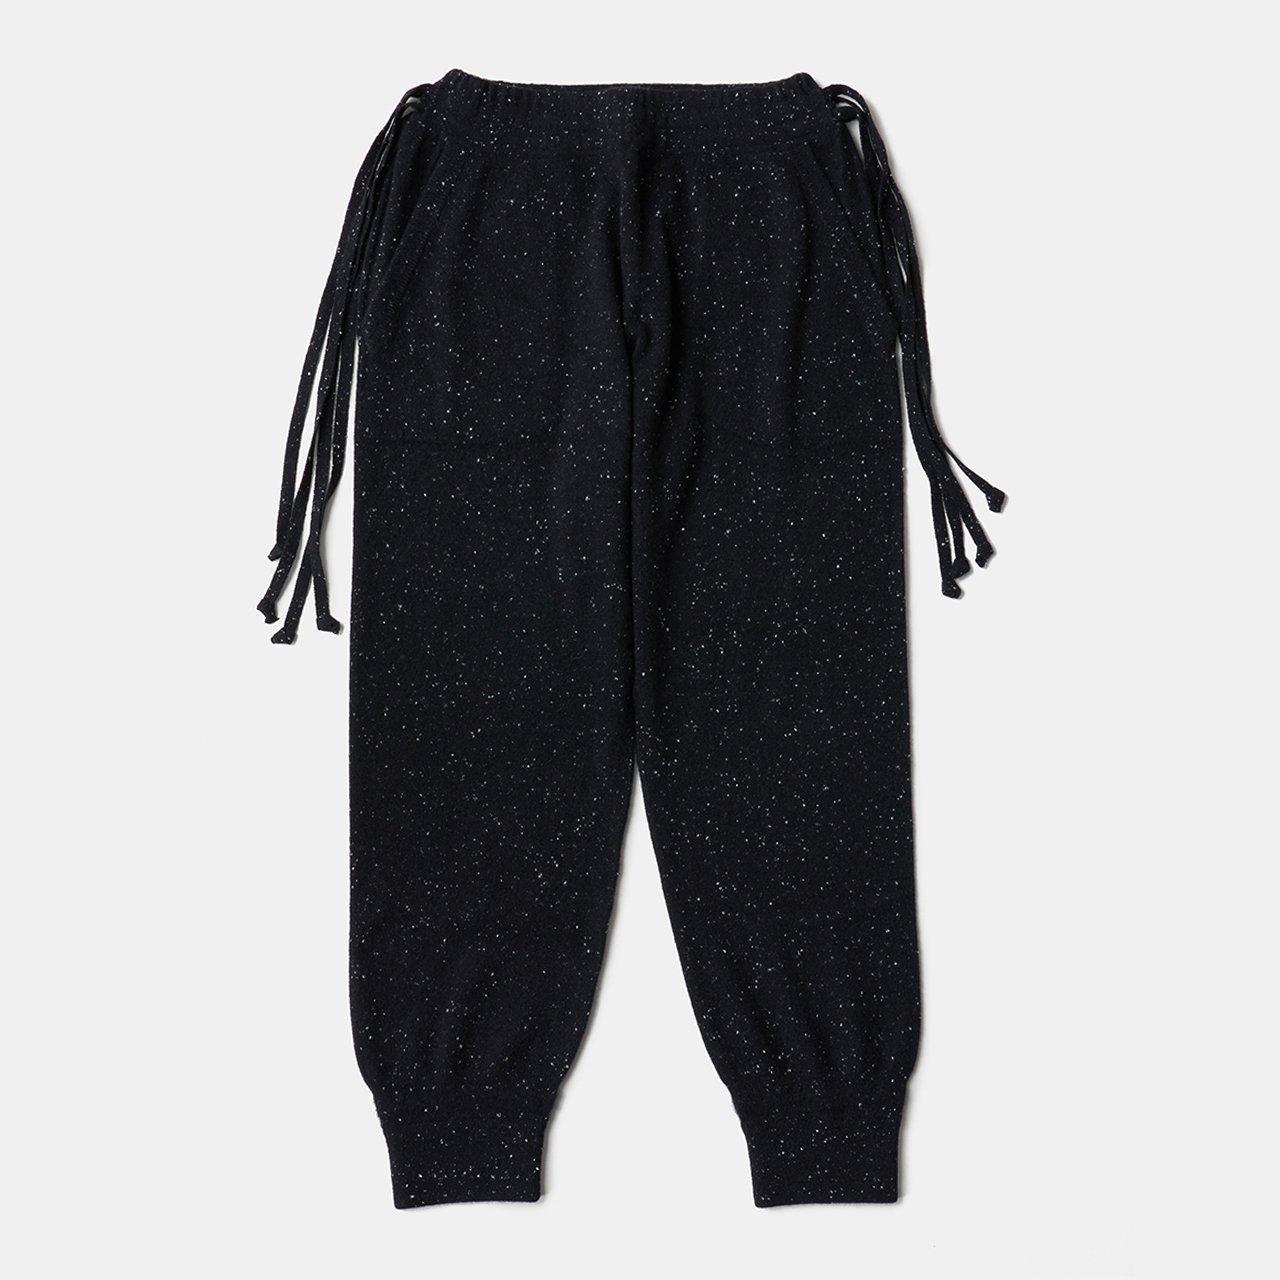 CASHMERE STARDUST BoyFriend PANTS<BR>BLACK